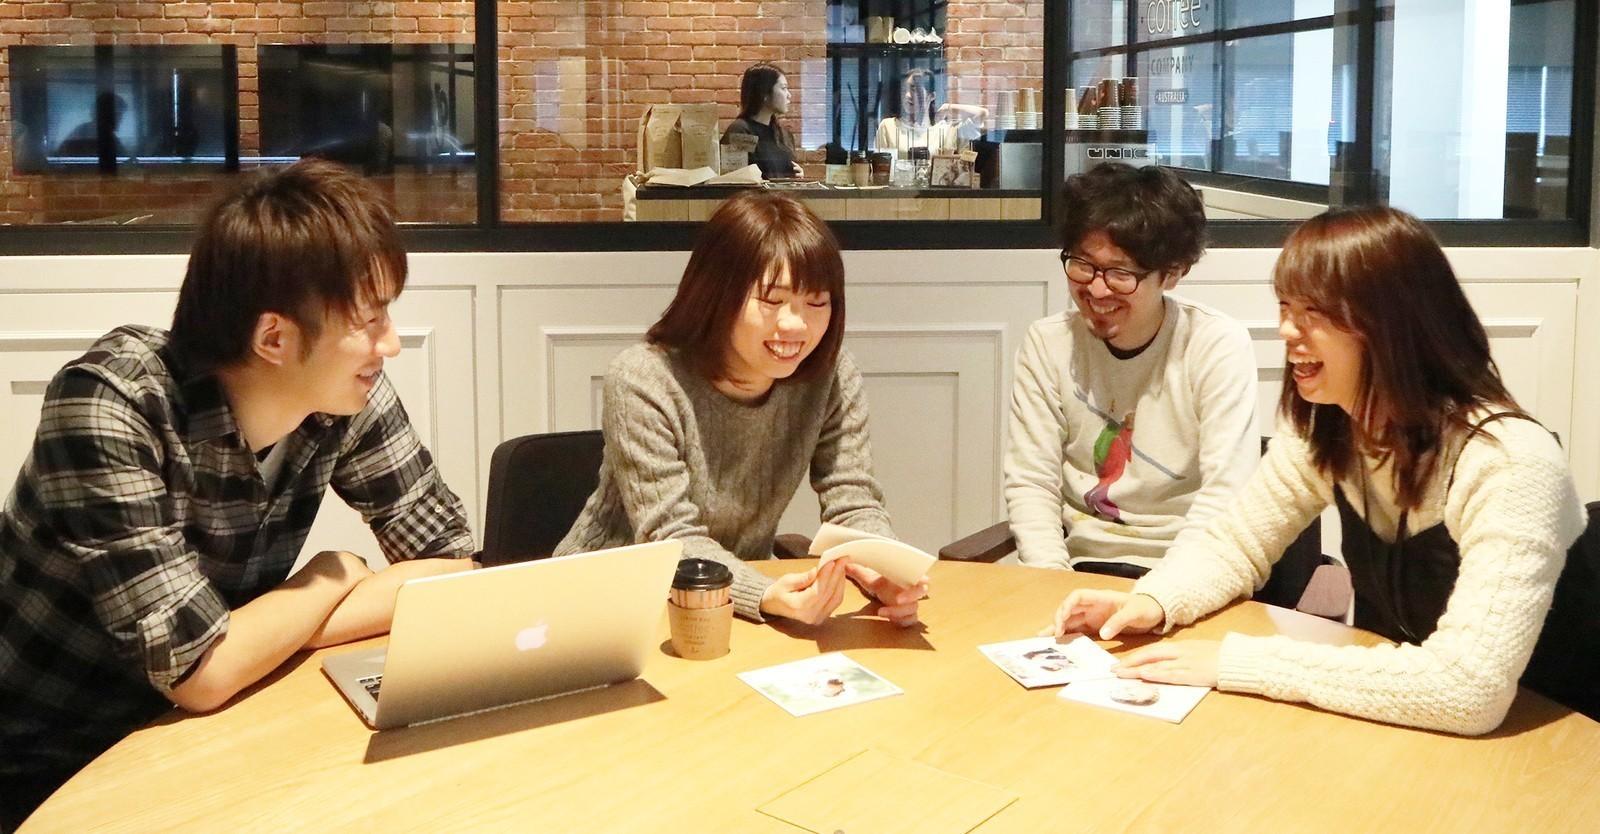 【1組でも多くの家族に笑顔を届ける】フォトブックアプリサービスのプロダクト開発、グロースハックに興味あるサーバサイドエンジニア募集!!